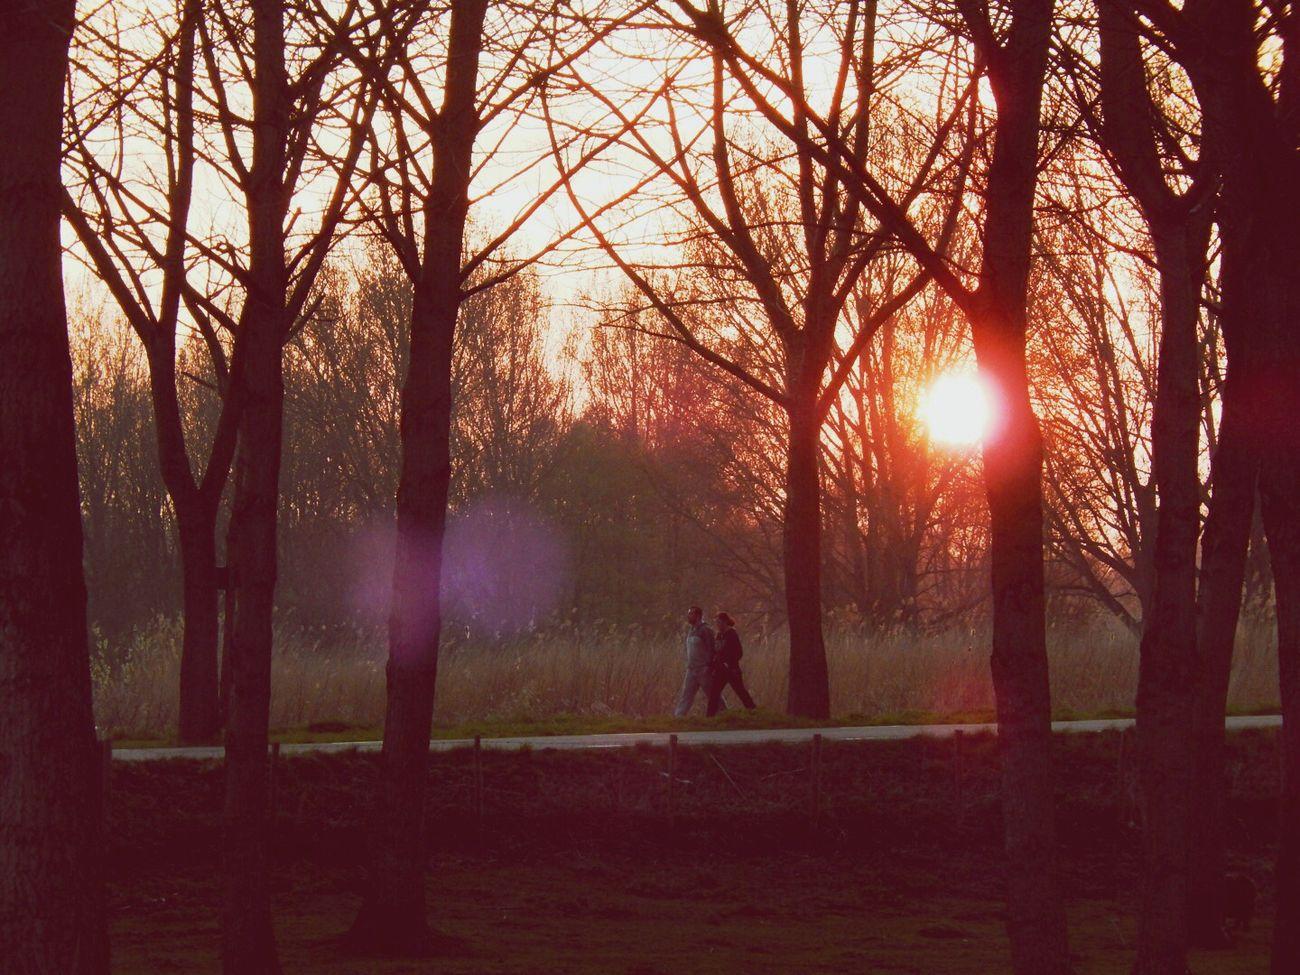 Walking in sunset Delftse Hout EyeEmBestPics EyeEm Best Shots